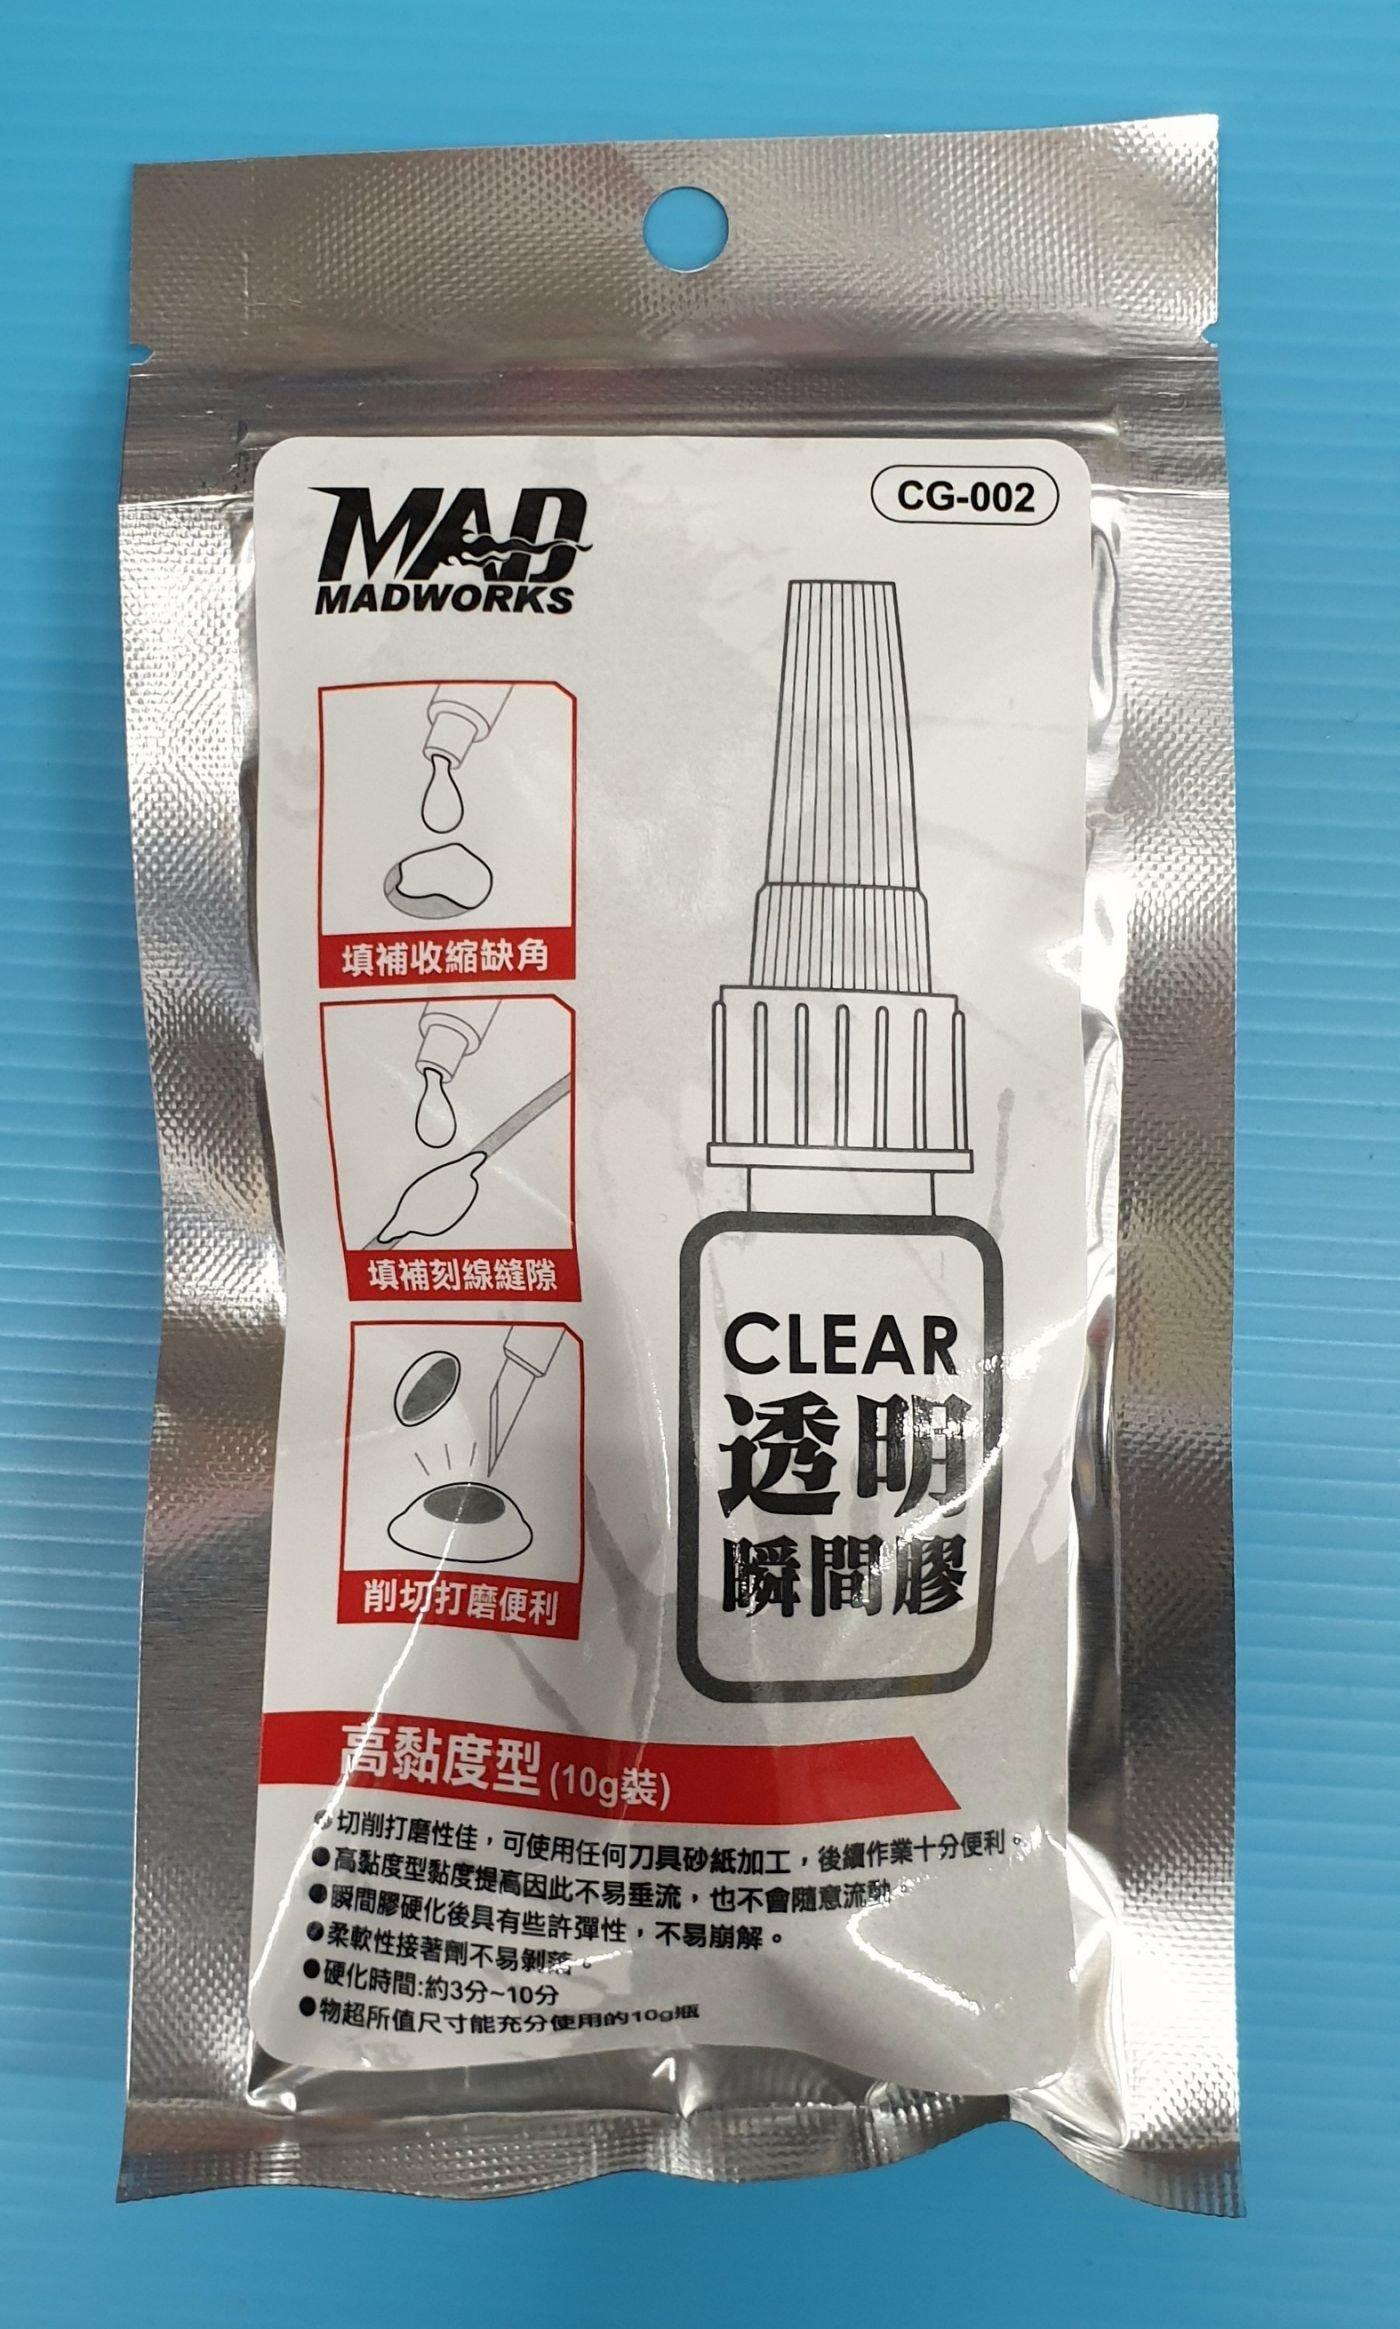 【鄭姐的店】MADWORKS CG-002 MAD透明瞬間膠